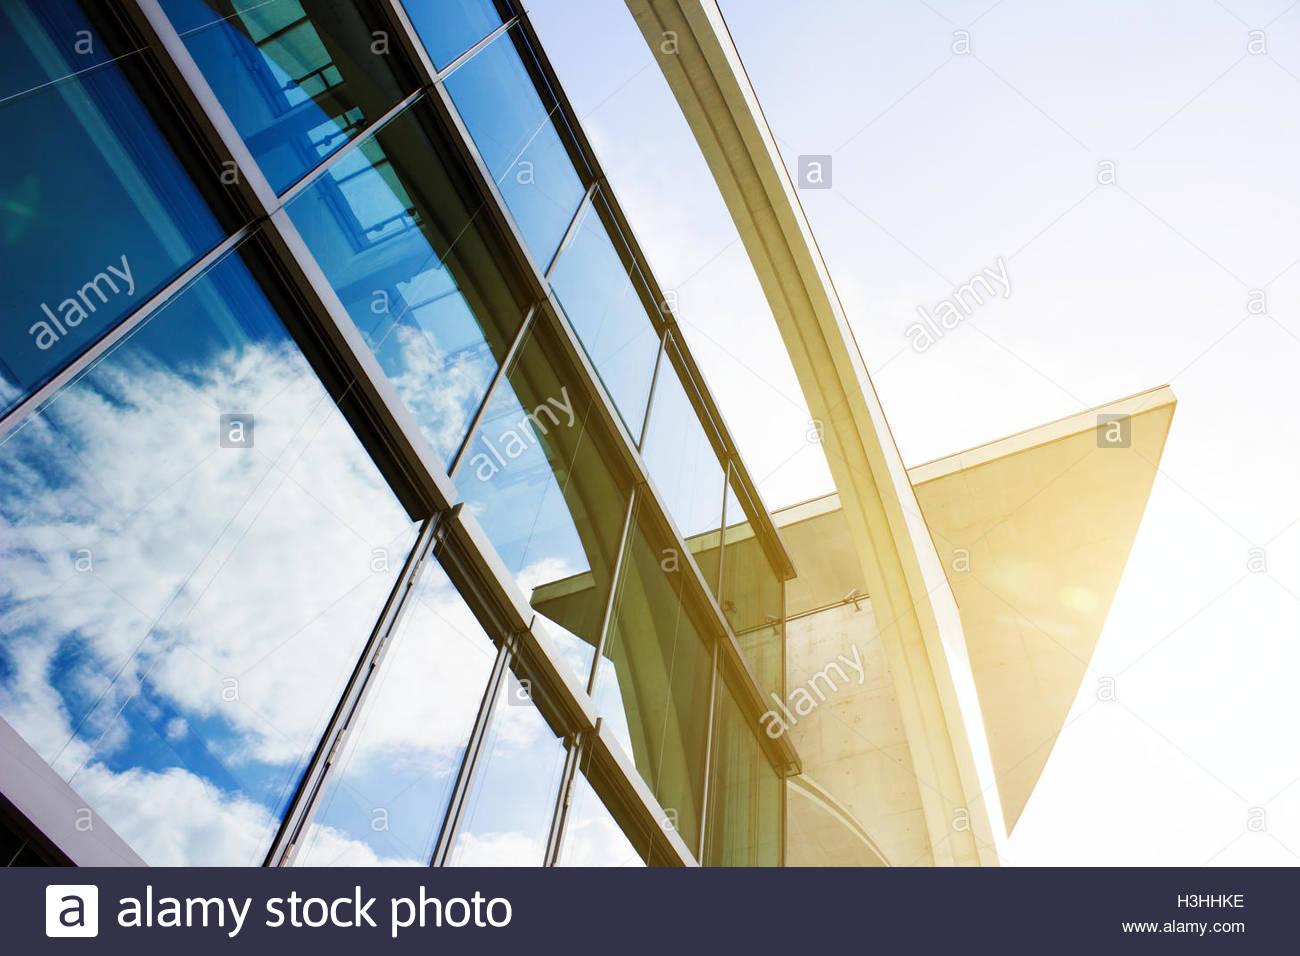 Vue extérieure façade en verre, futuristic background, abstrait Architecture, bâtiment en verre lumineux Photo Stock